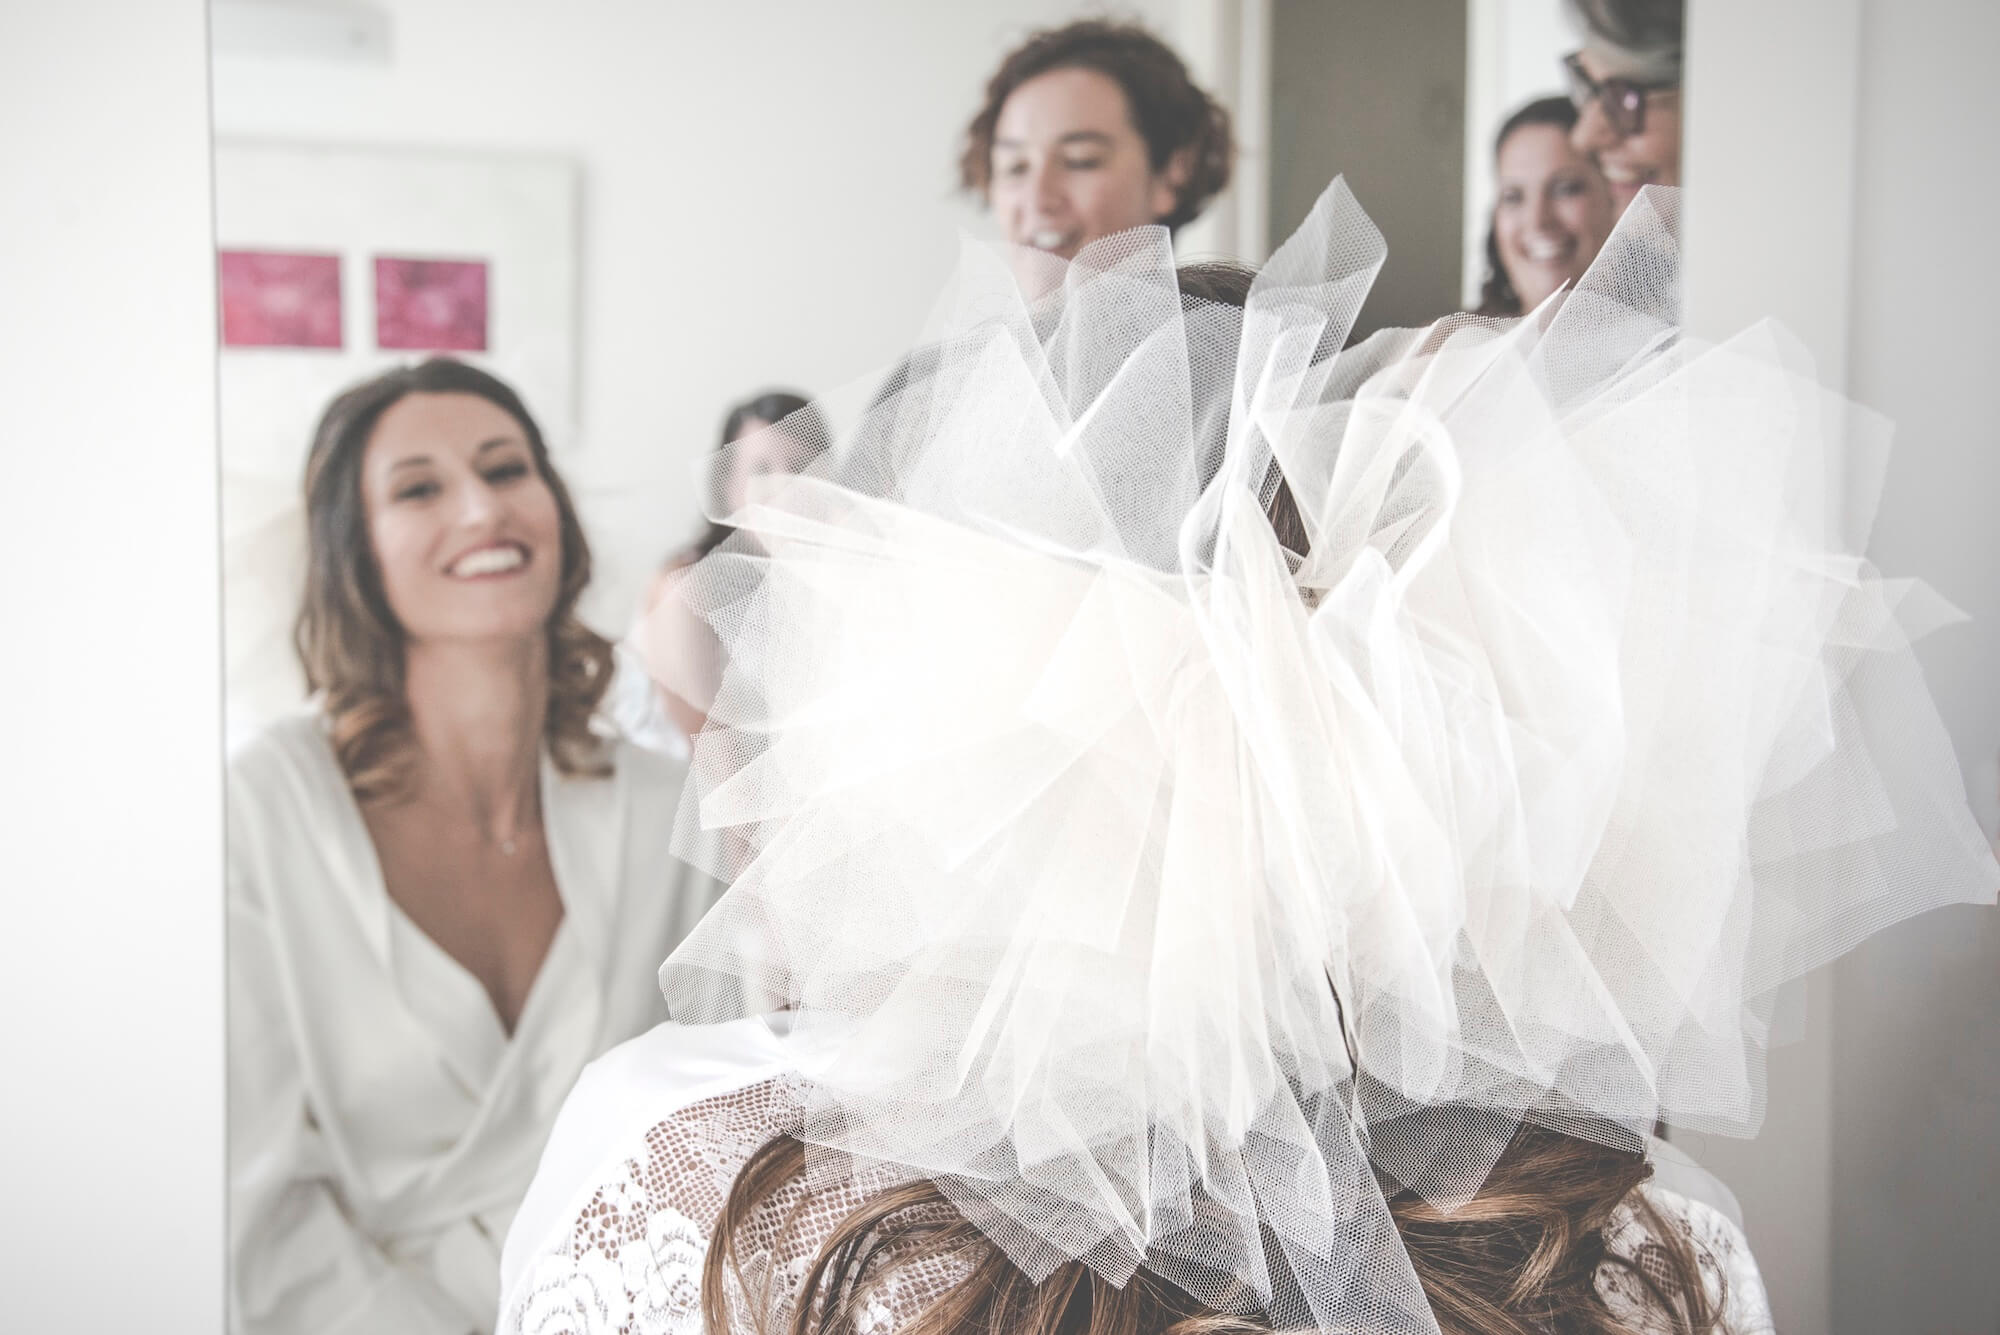 Trucco e Acconciatura per la sposa. Giulia Alessandri Wedding Planner: progettazione e coordinazione matrimoni in Toscana.